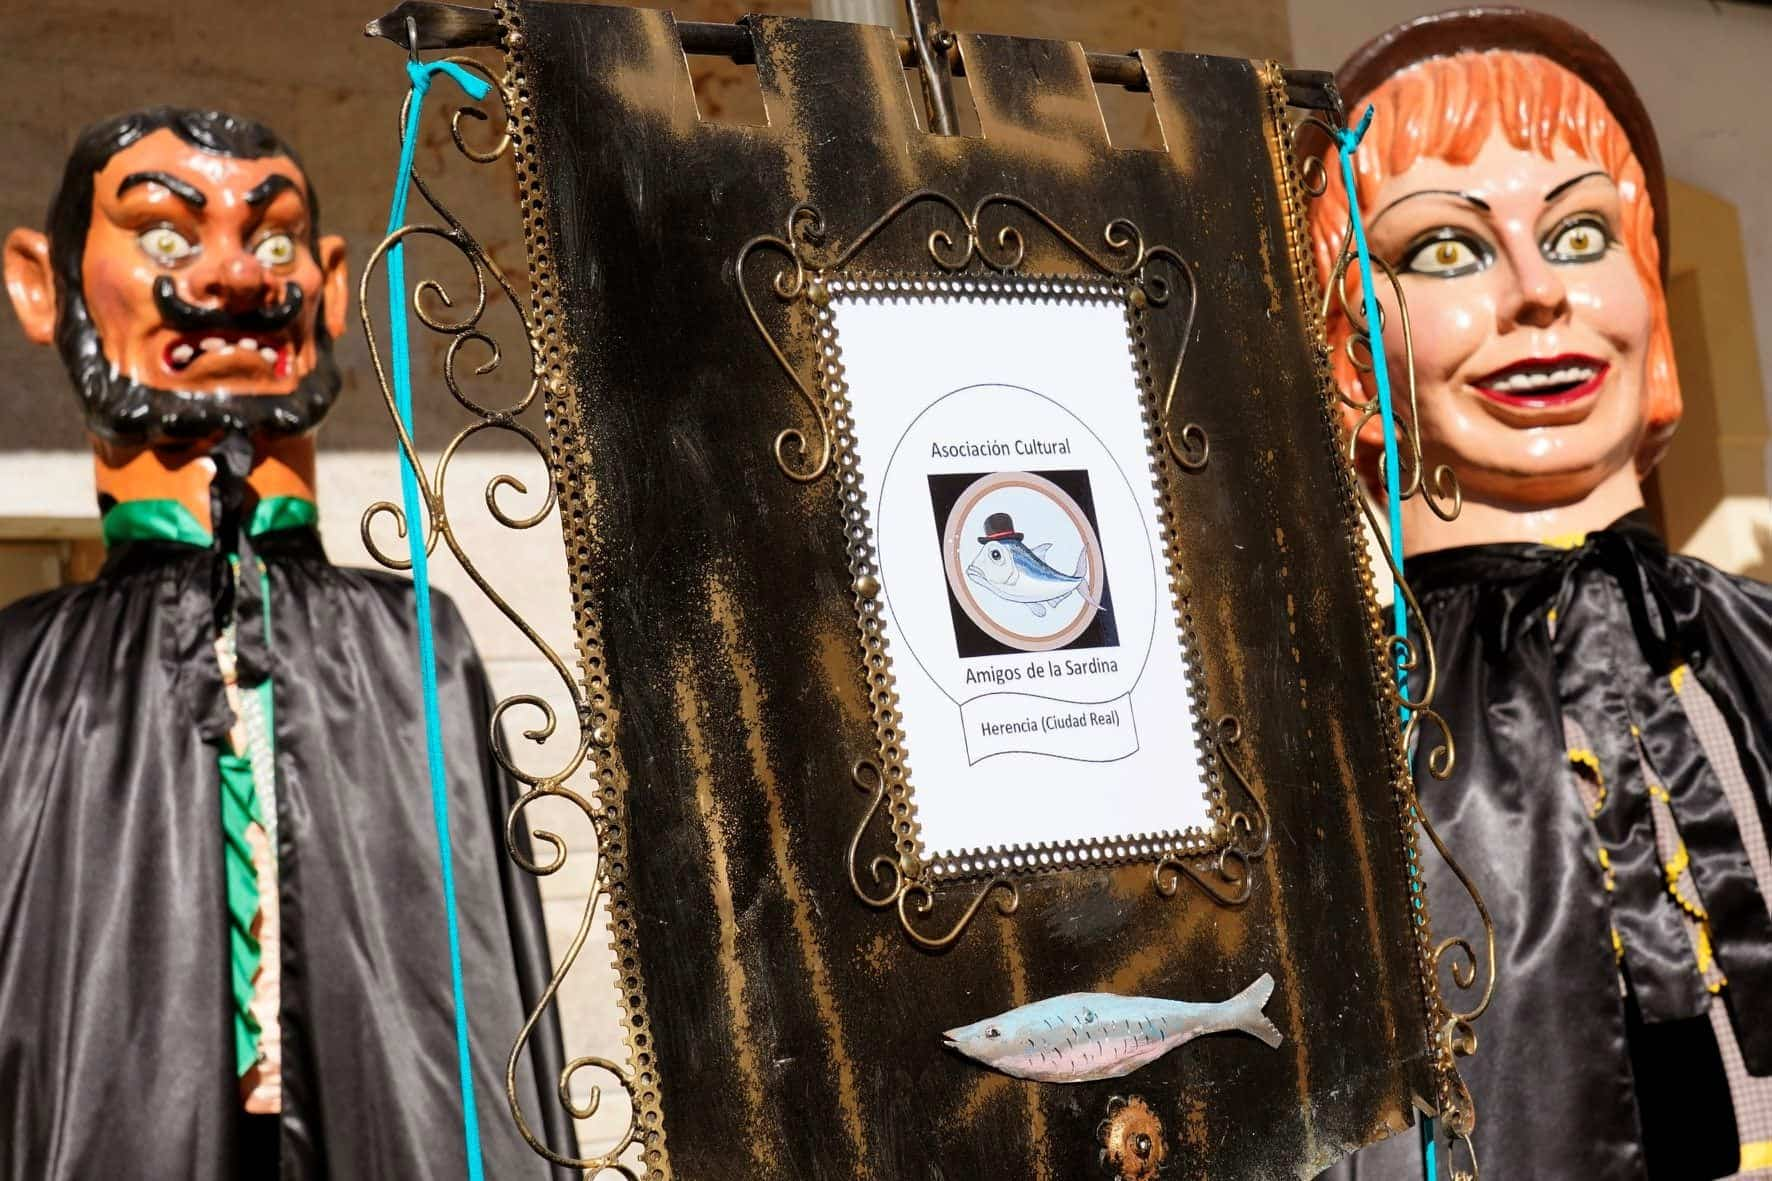 Carnaval de Herencia 2020 entierro sardina 17 - El Entierro de la Sardina 2020 del Carnaval de Herencia